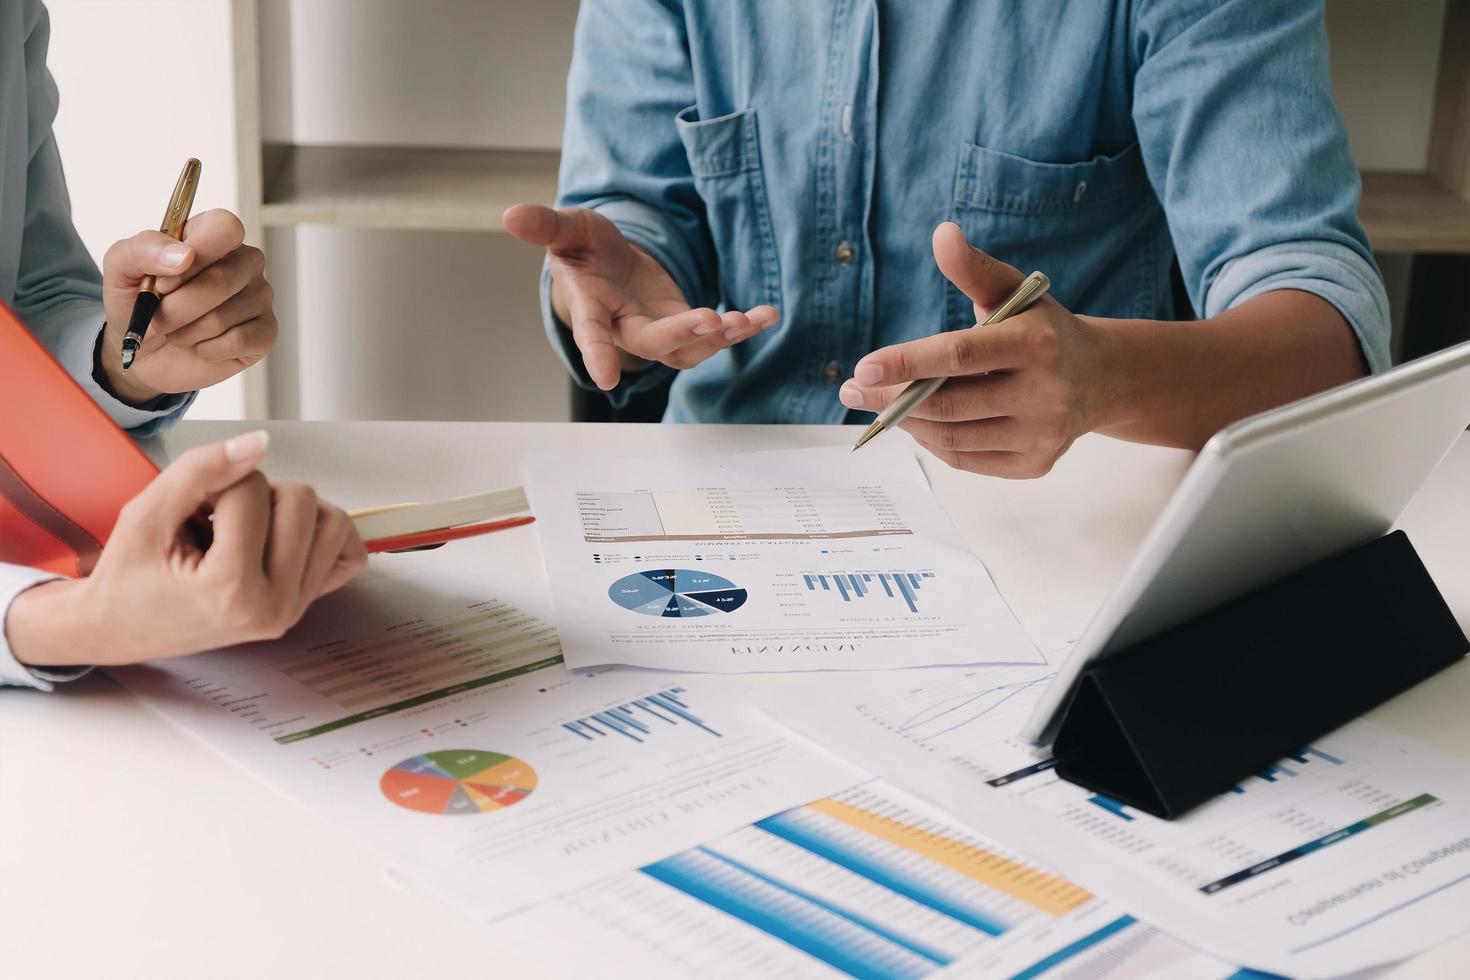 twee collega's bespreken financieel plan voor bedrijf foto